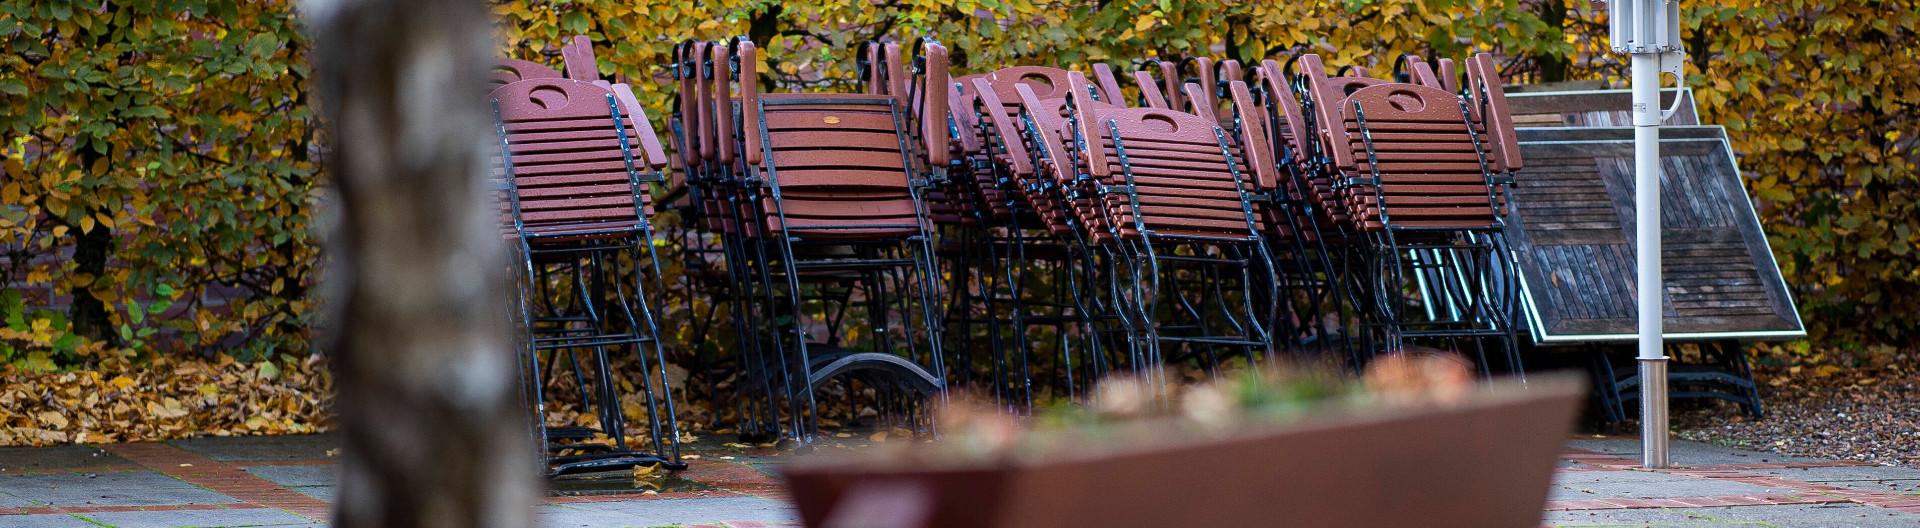 Leere und zusammengestellte Tische und Stühle im Außenbereich eines Restaurants